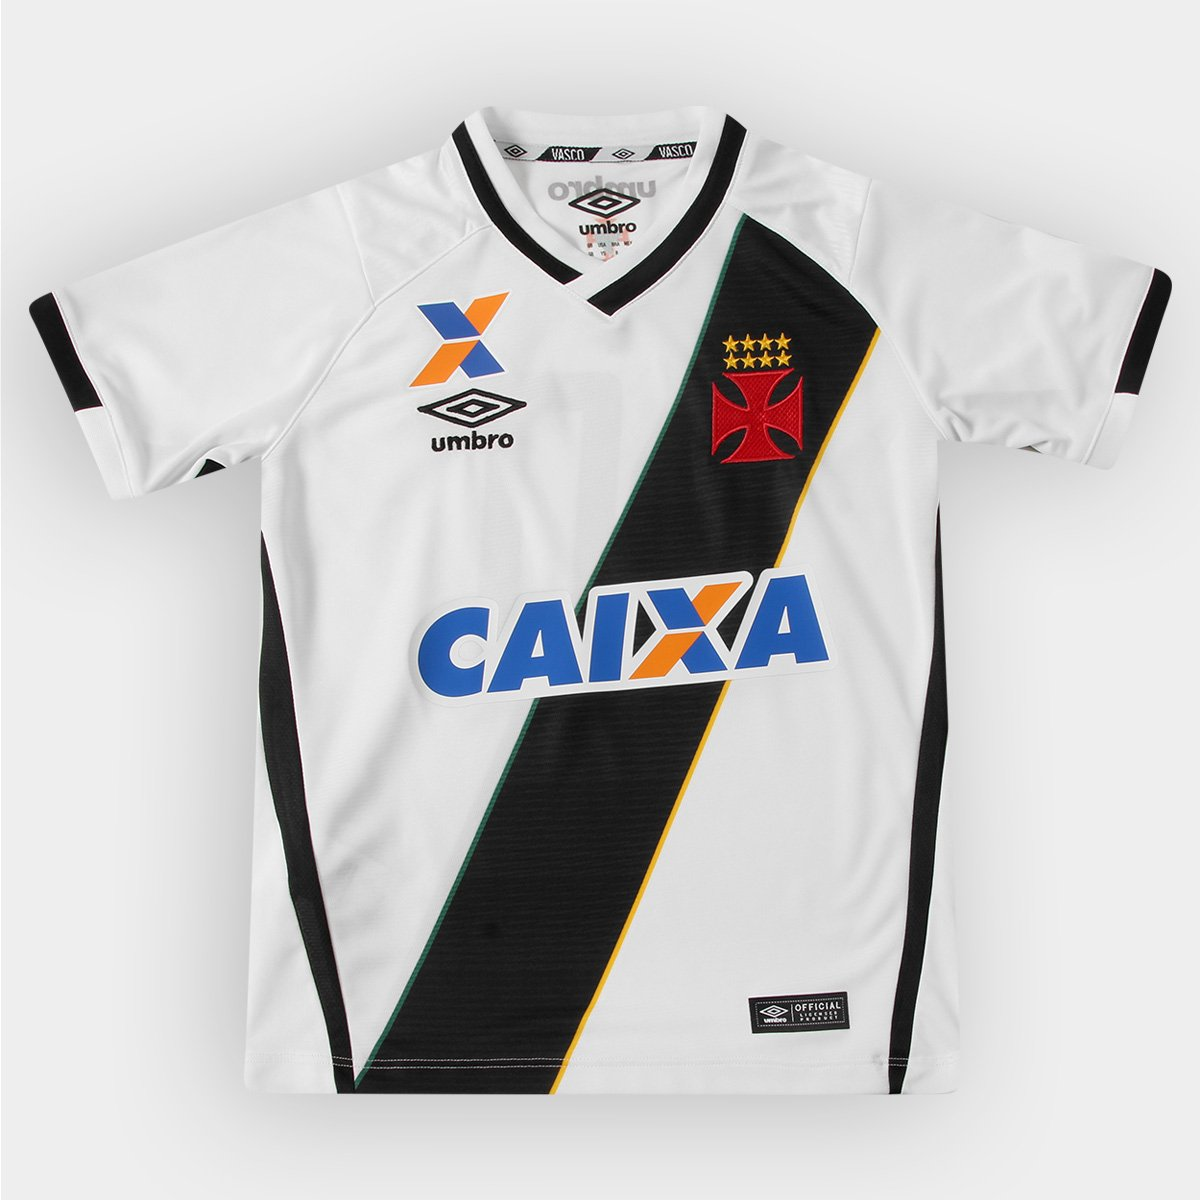 eaf2dc4d3e Camisa Umbro Vasco II 16 17 nº 10 Juvenil - Compre Agora